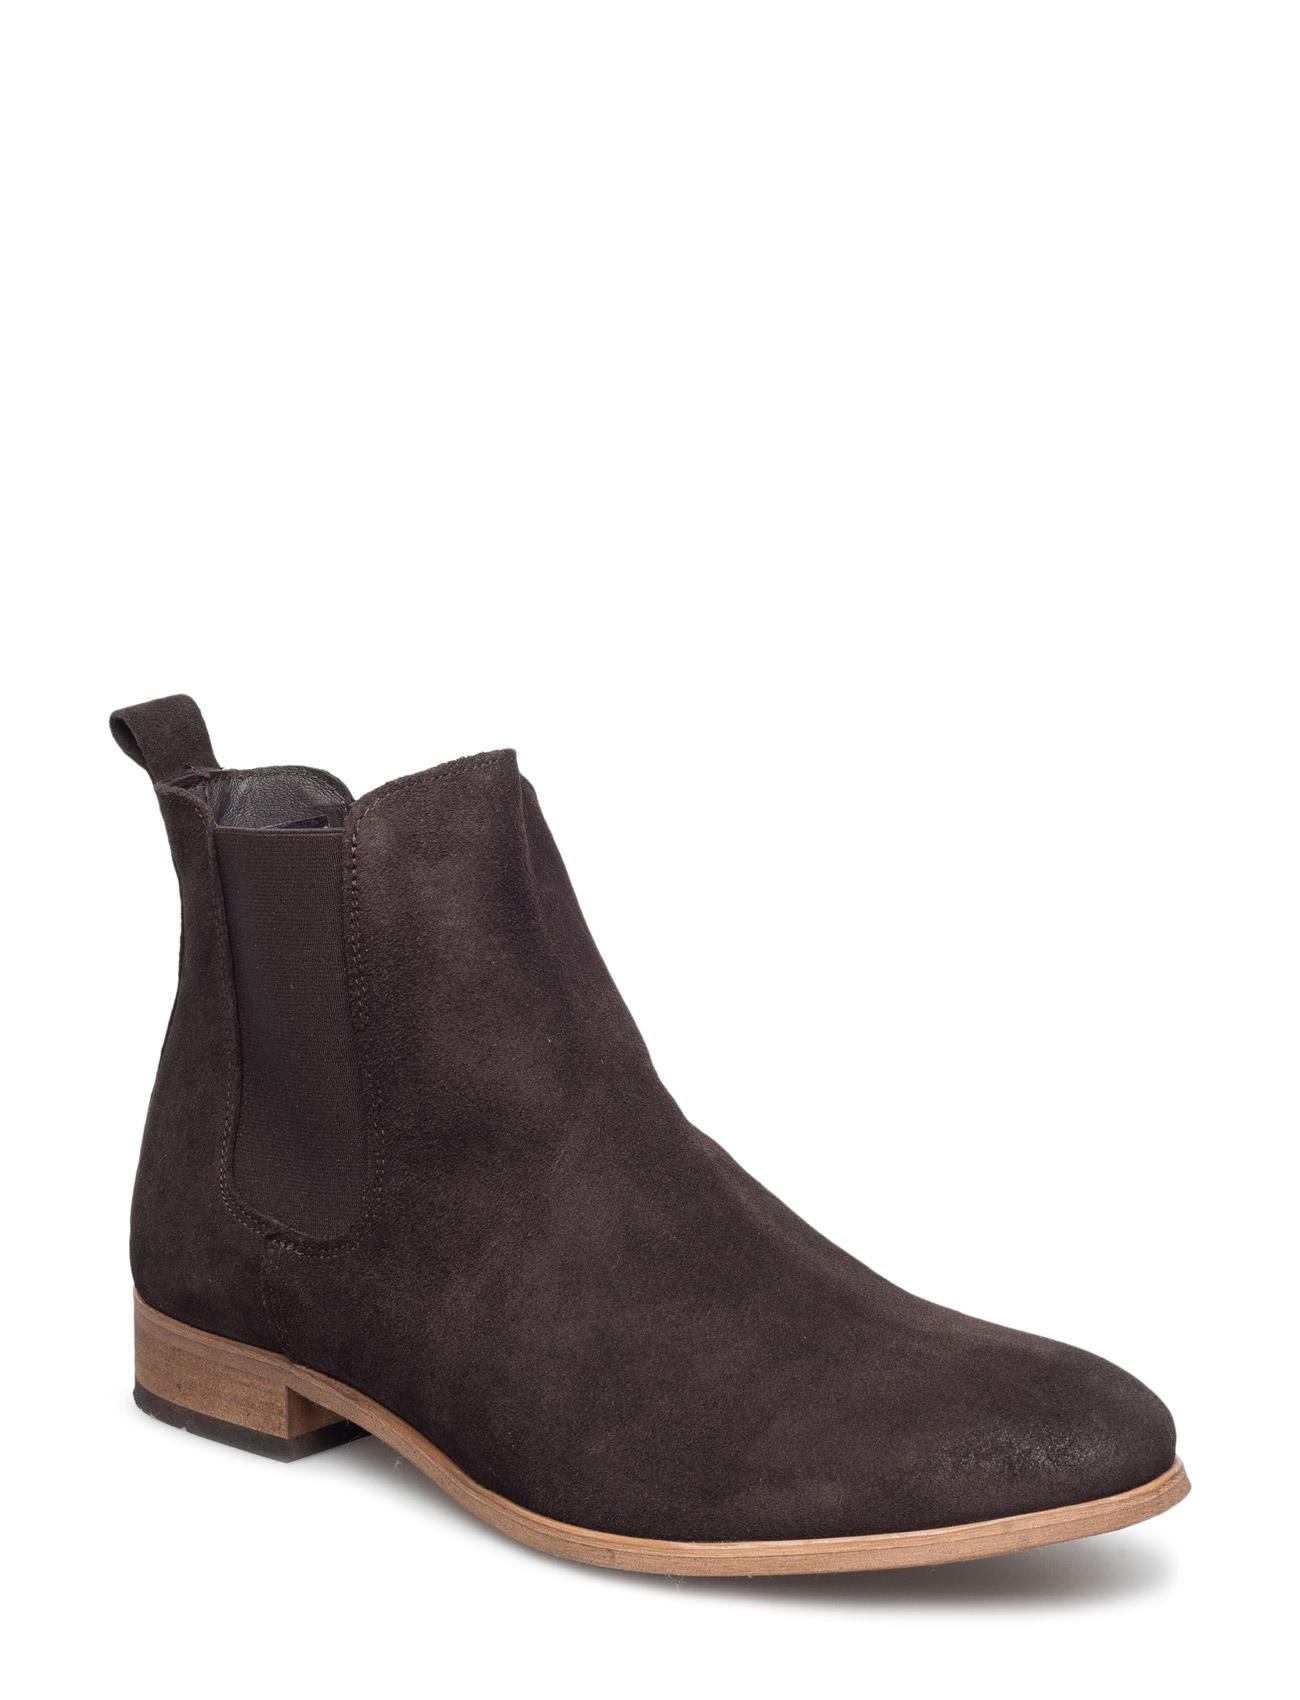 Chelsea S Brown Shoe The Bear Støvler til Mænd i Brun